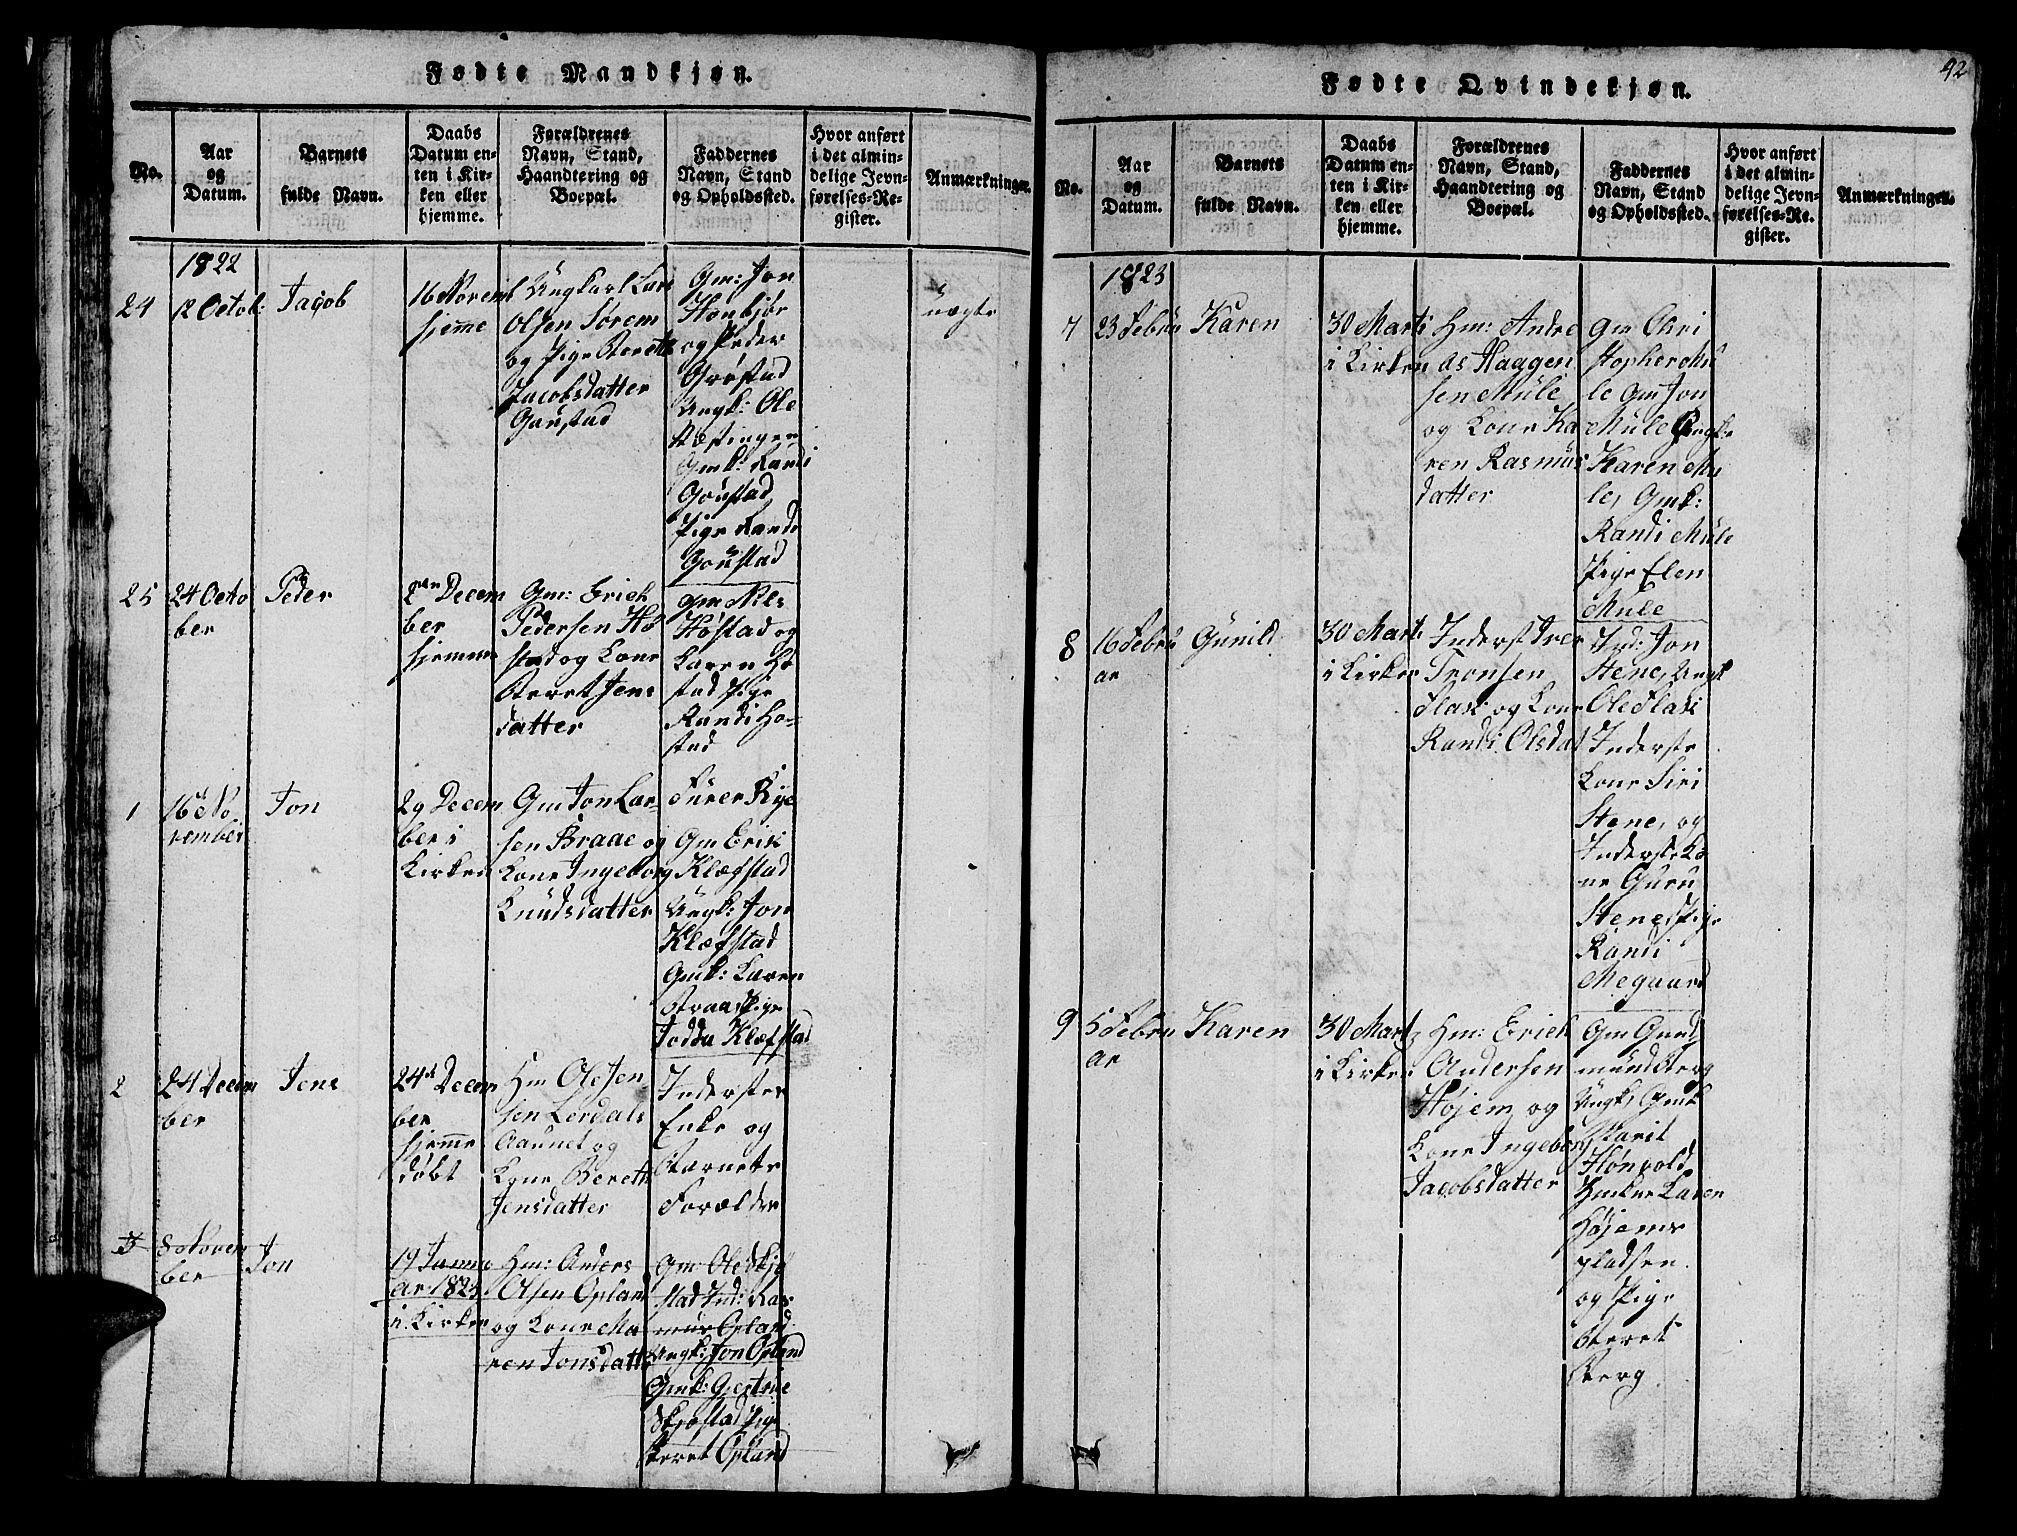 SAT, Ministerialprotokoller, klokkerbøker og fødselsregistre - Sør-Trøndelag, 612/L0385: Klokkerbok nr. 612C01, 1816-1845, s. 42